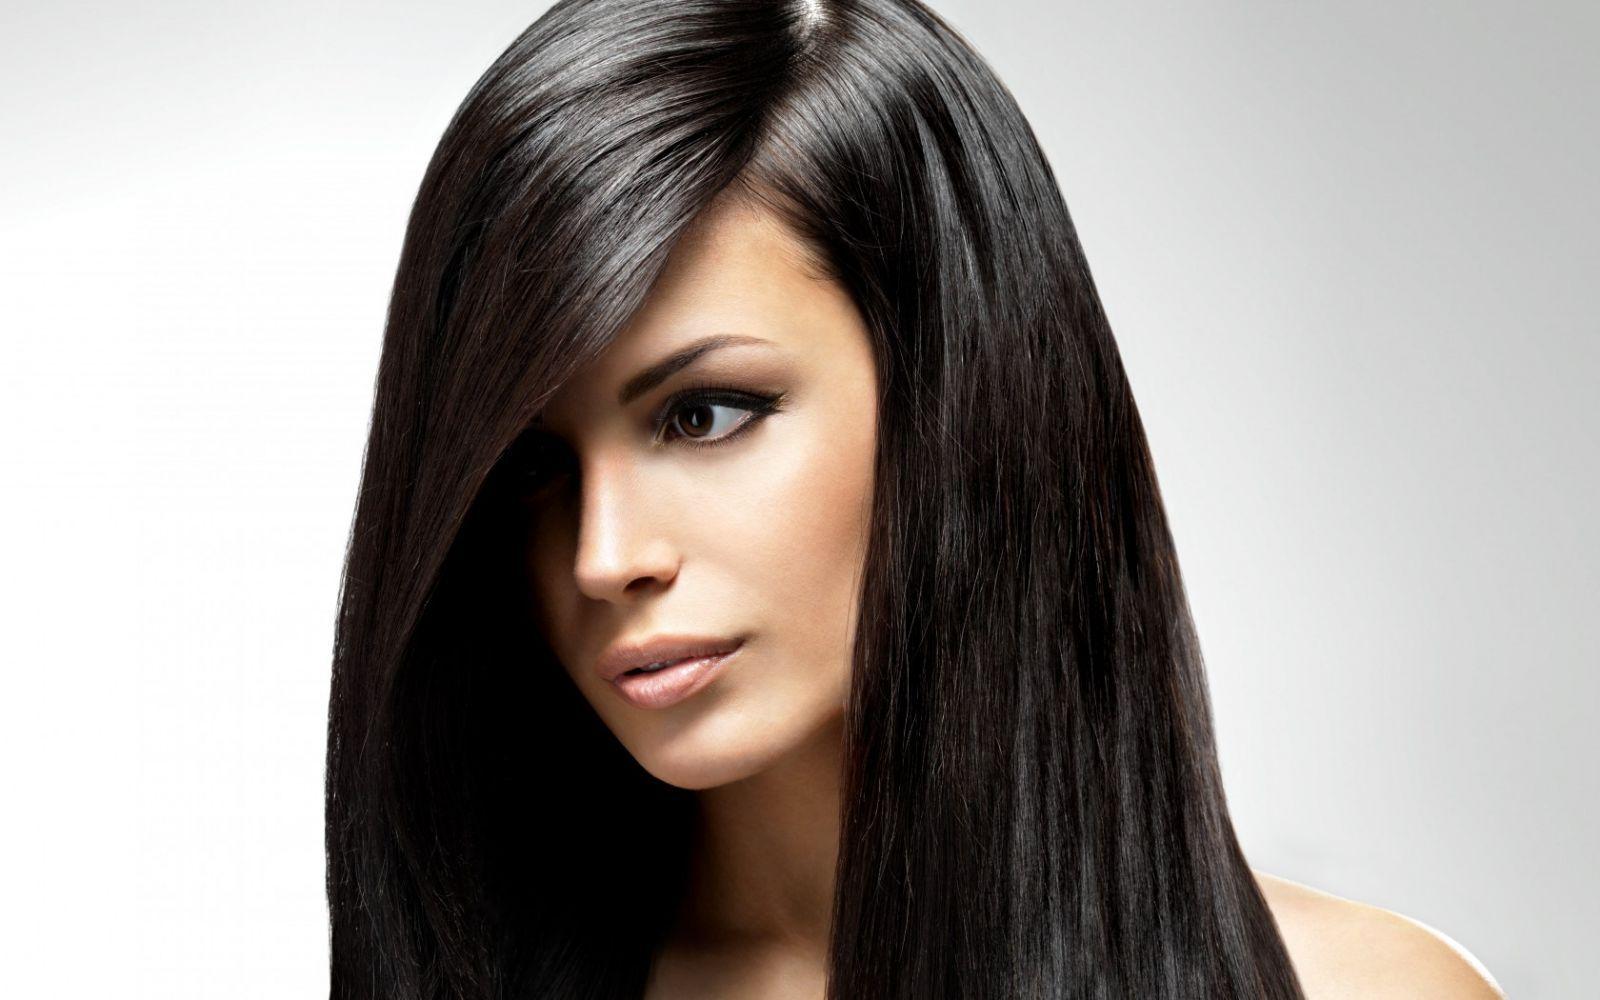 Окраска волос натуральными красками в черный цвет